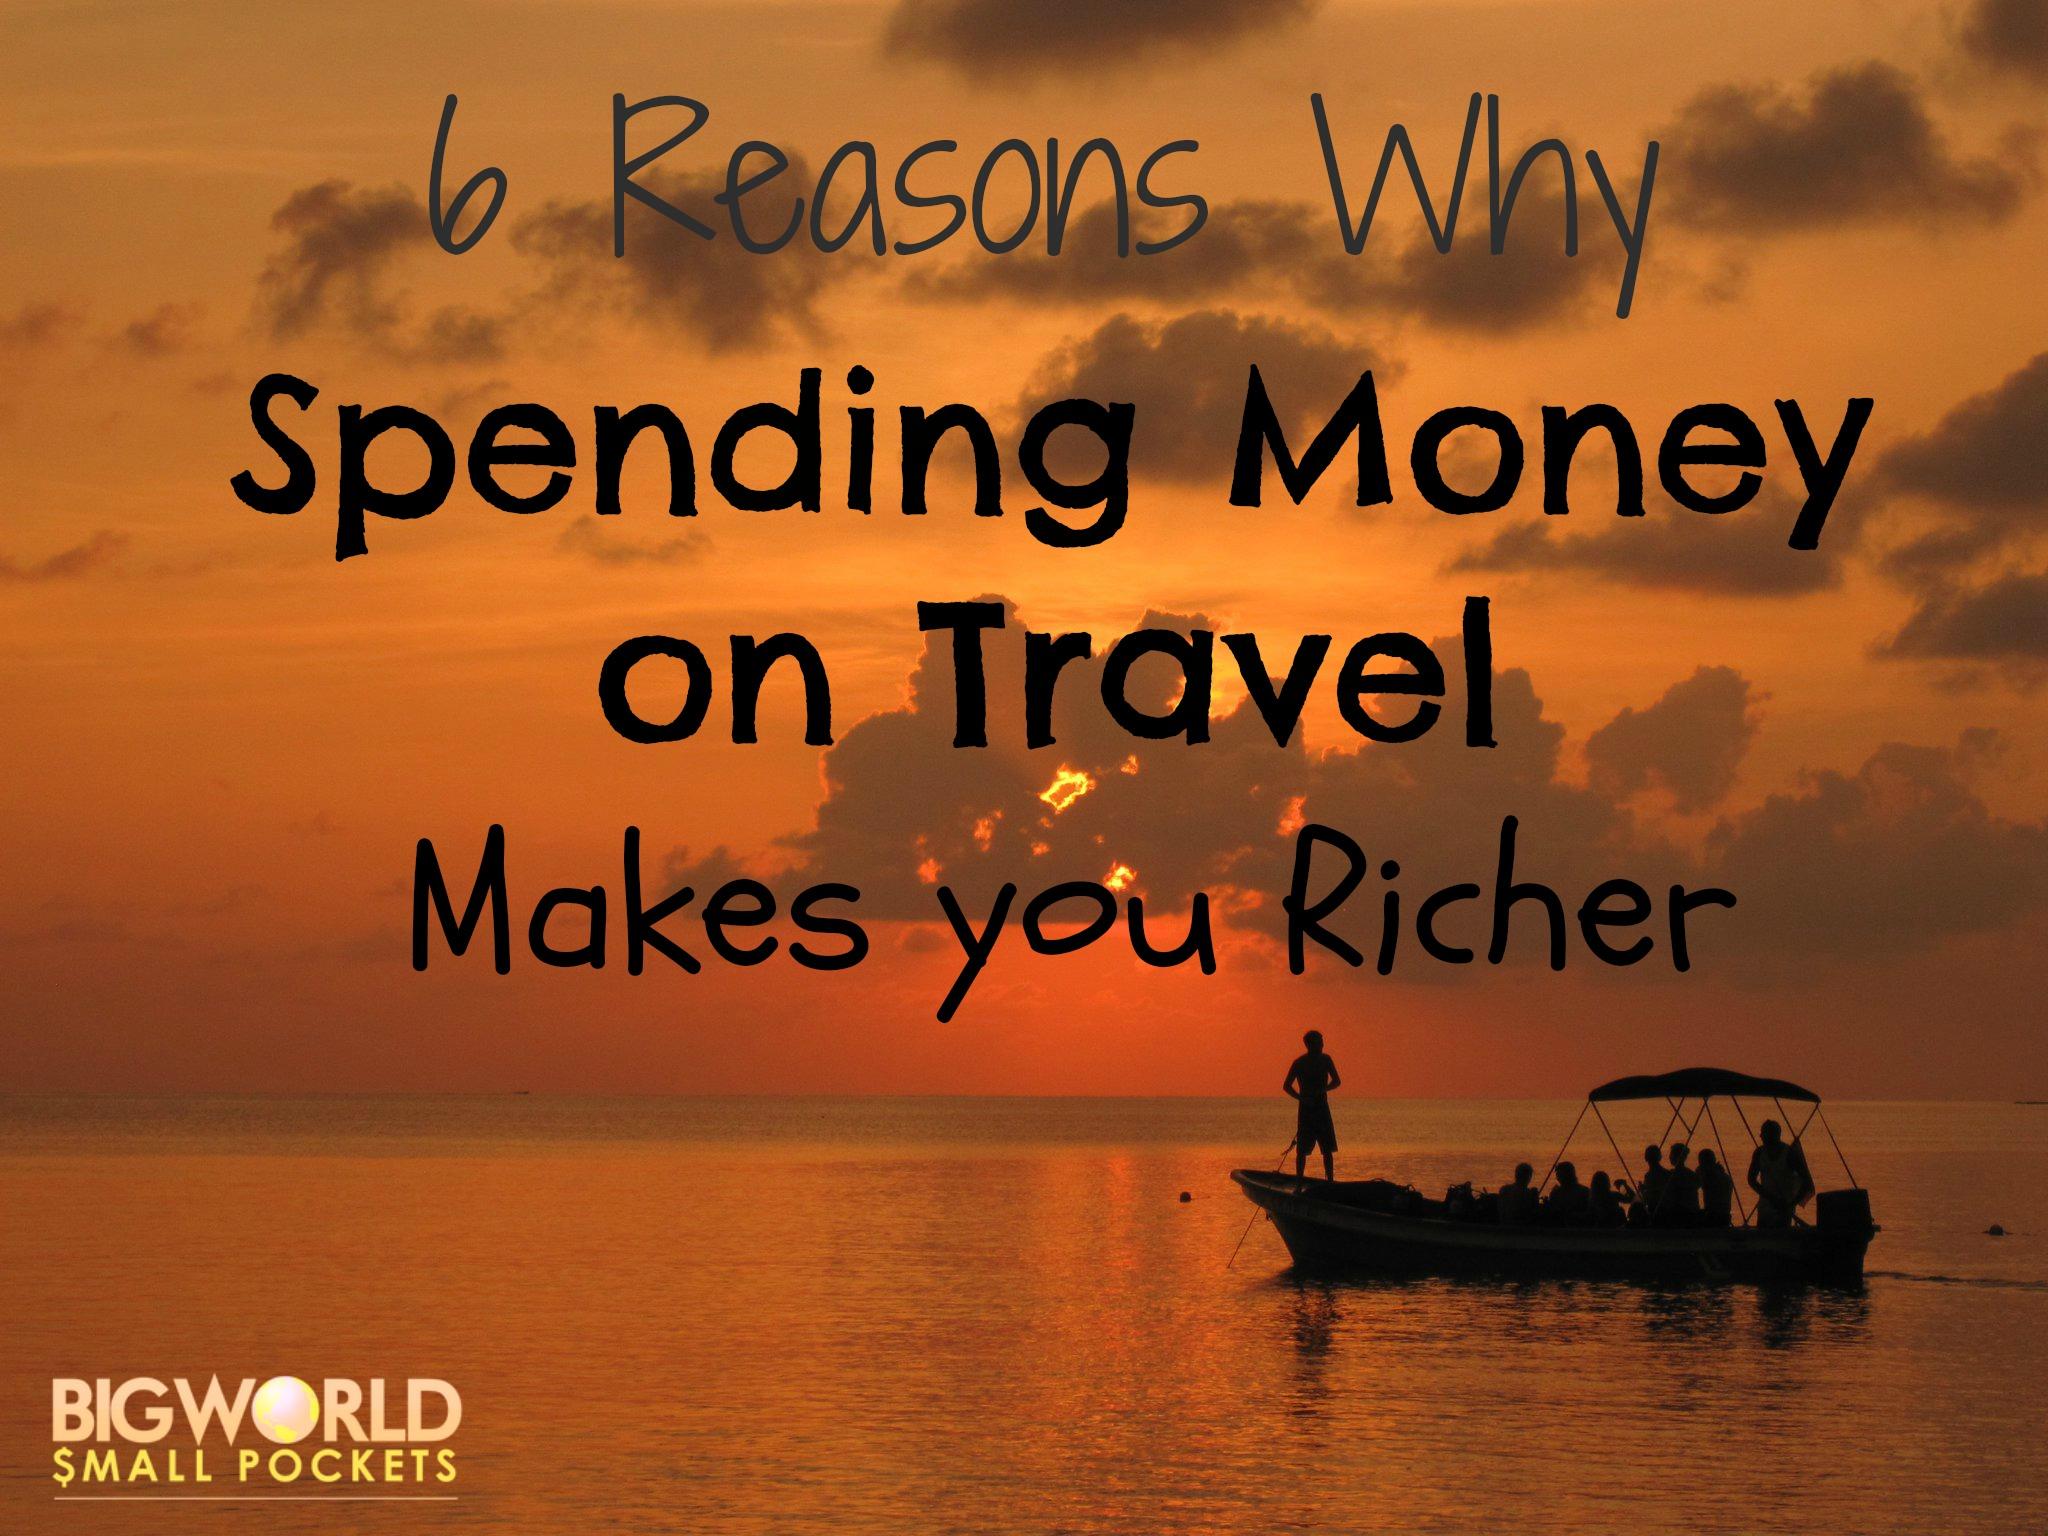 Spending Money on Travel